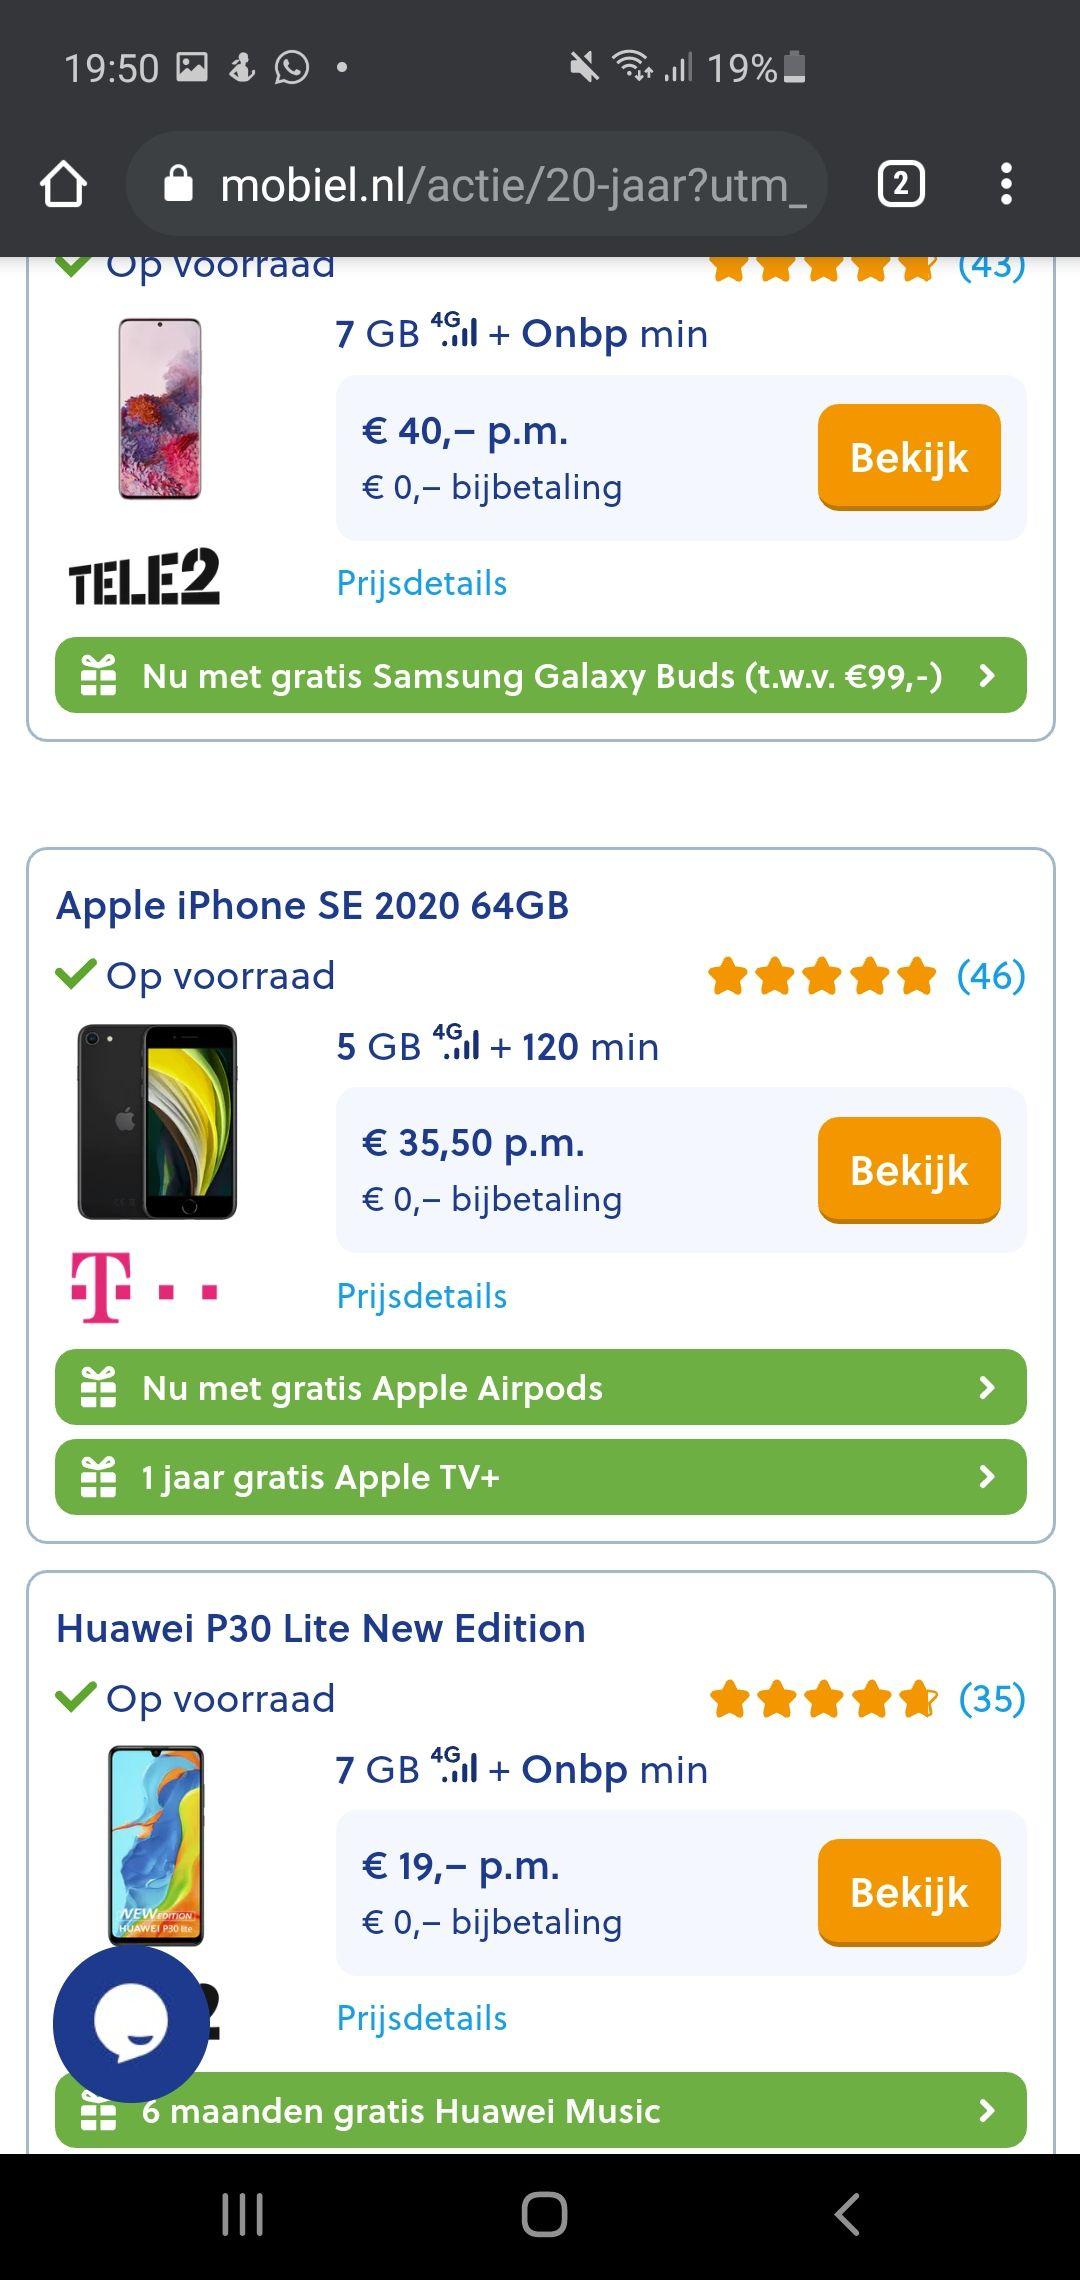 Gratis Airpods bij T-Mobile abonnement met iPhone SE Via Mobiel.nl